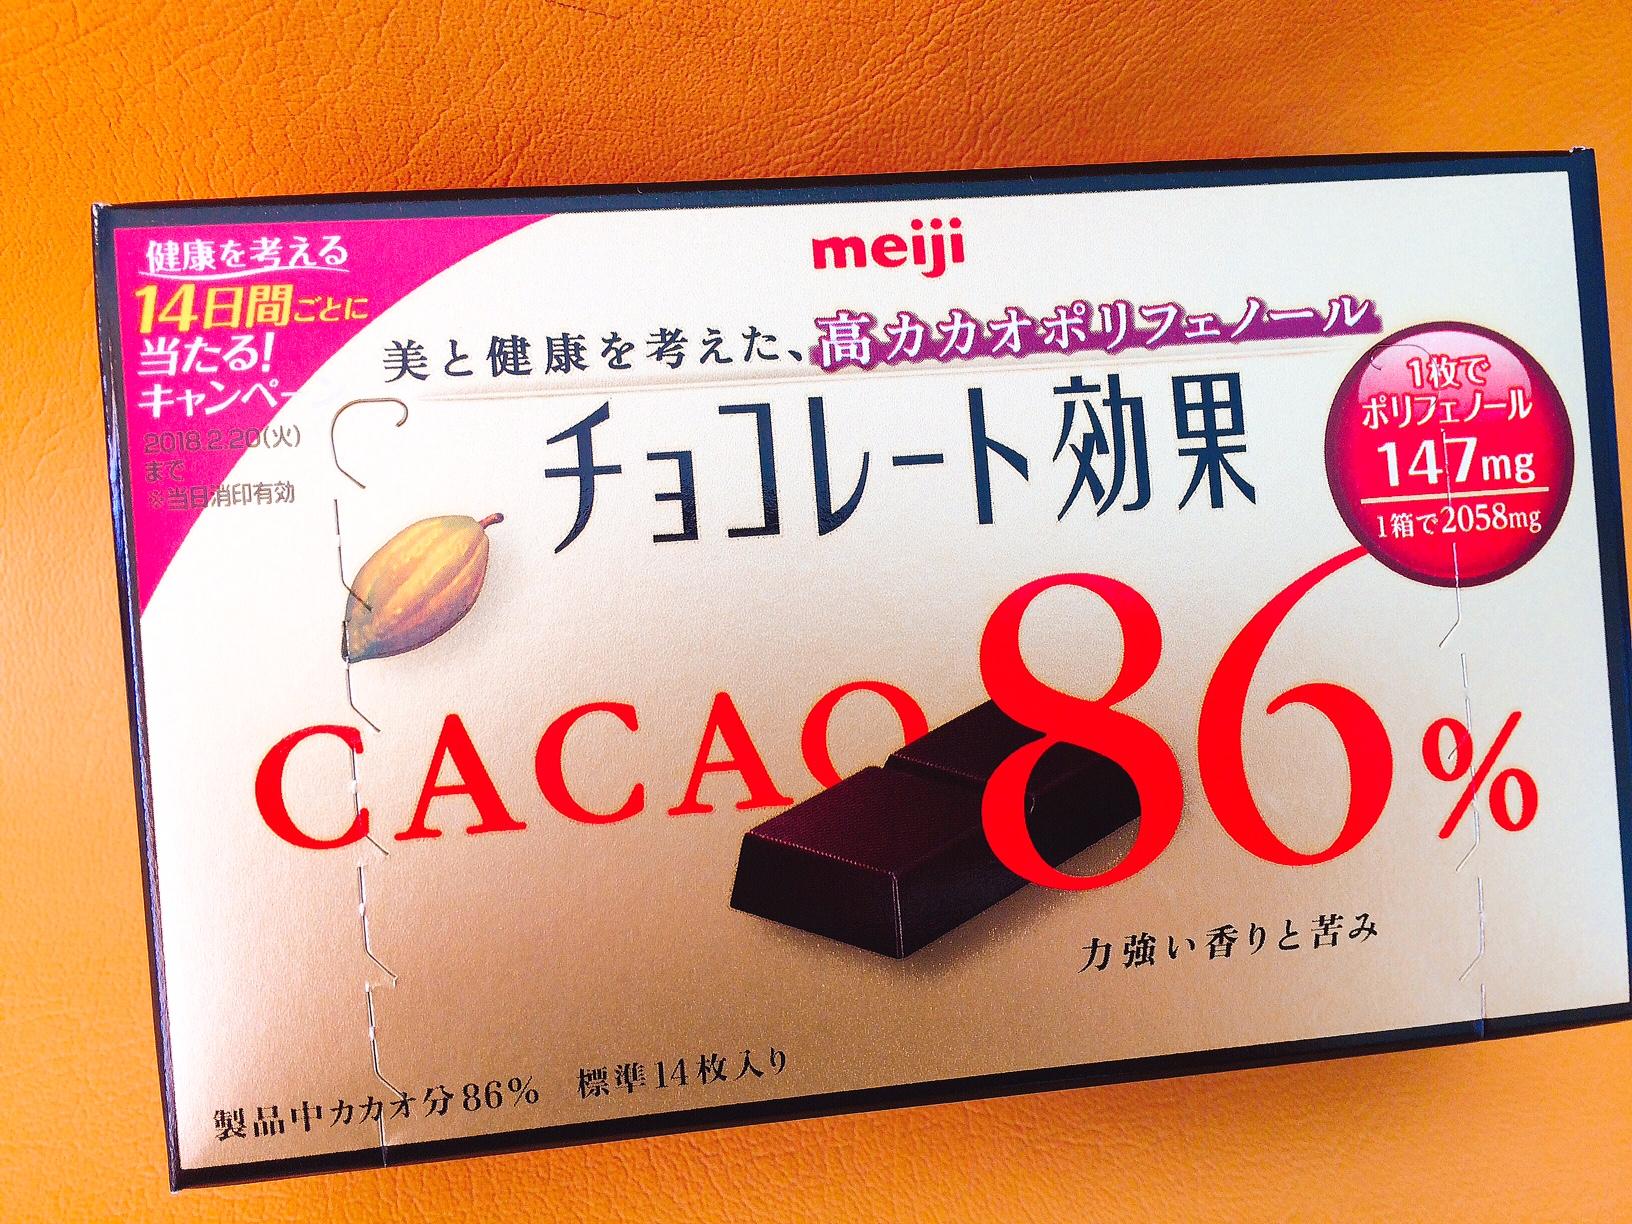 カカオ86%くらいがちょうど美味しい